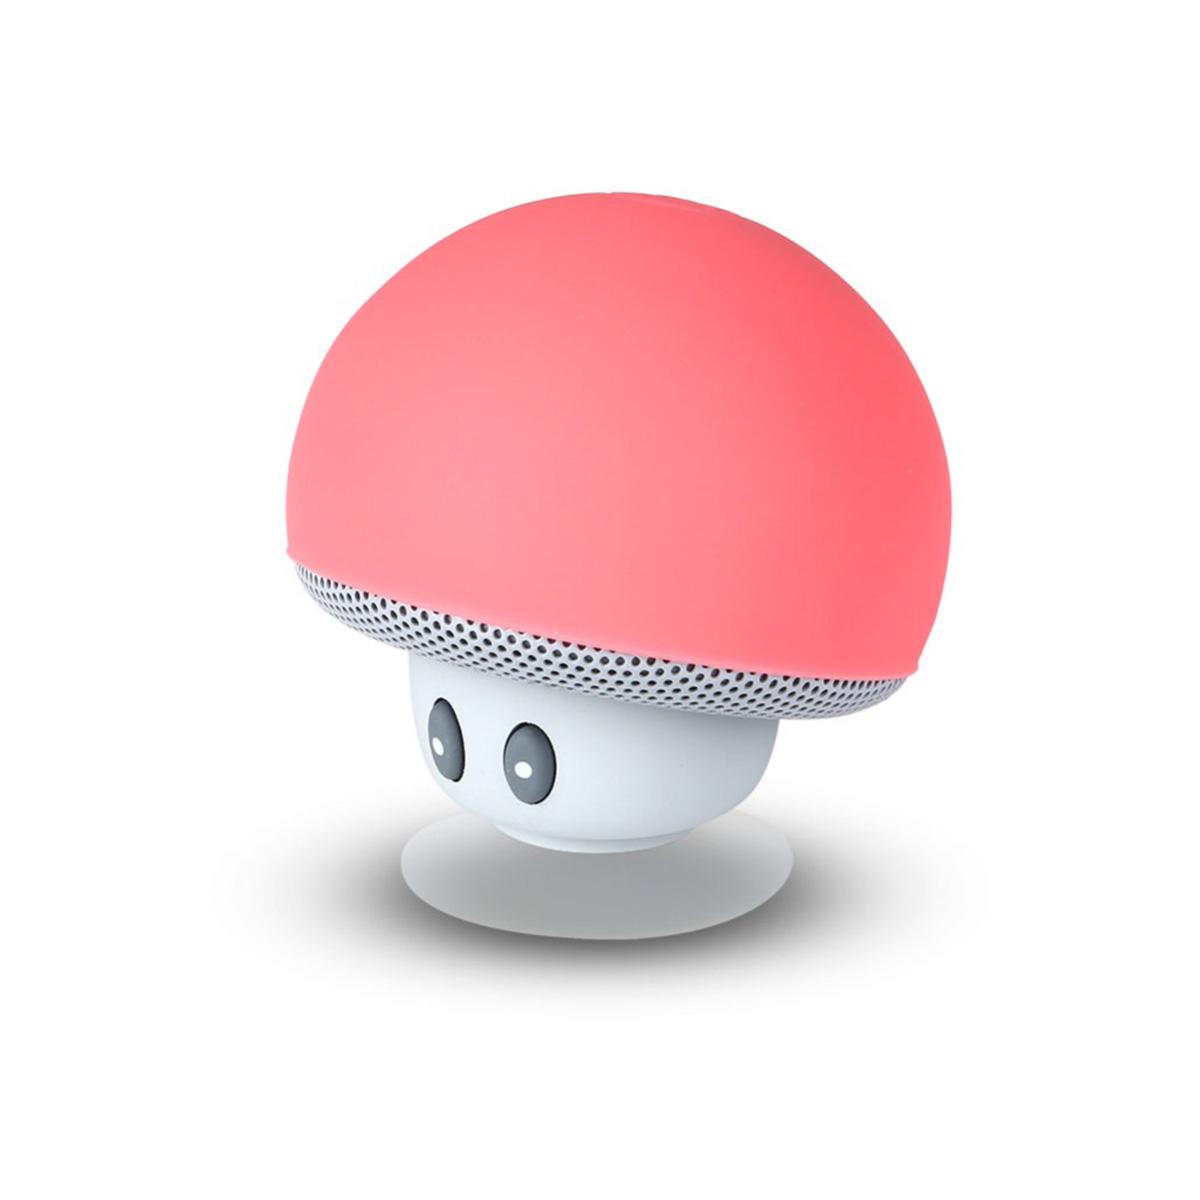 Vorschaubild von Champignon Bluetooth Lautsprecher - Rot